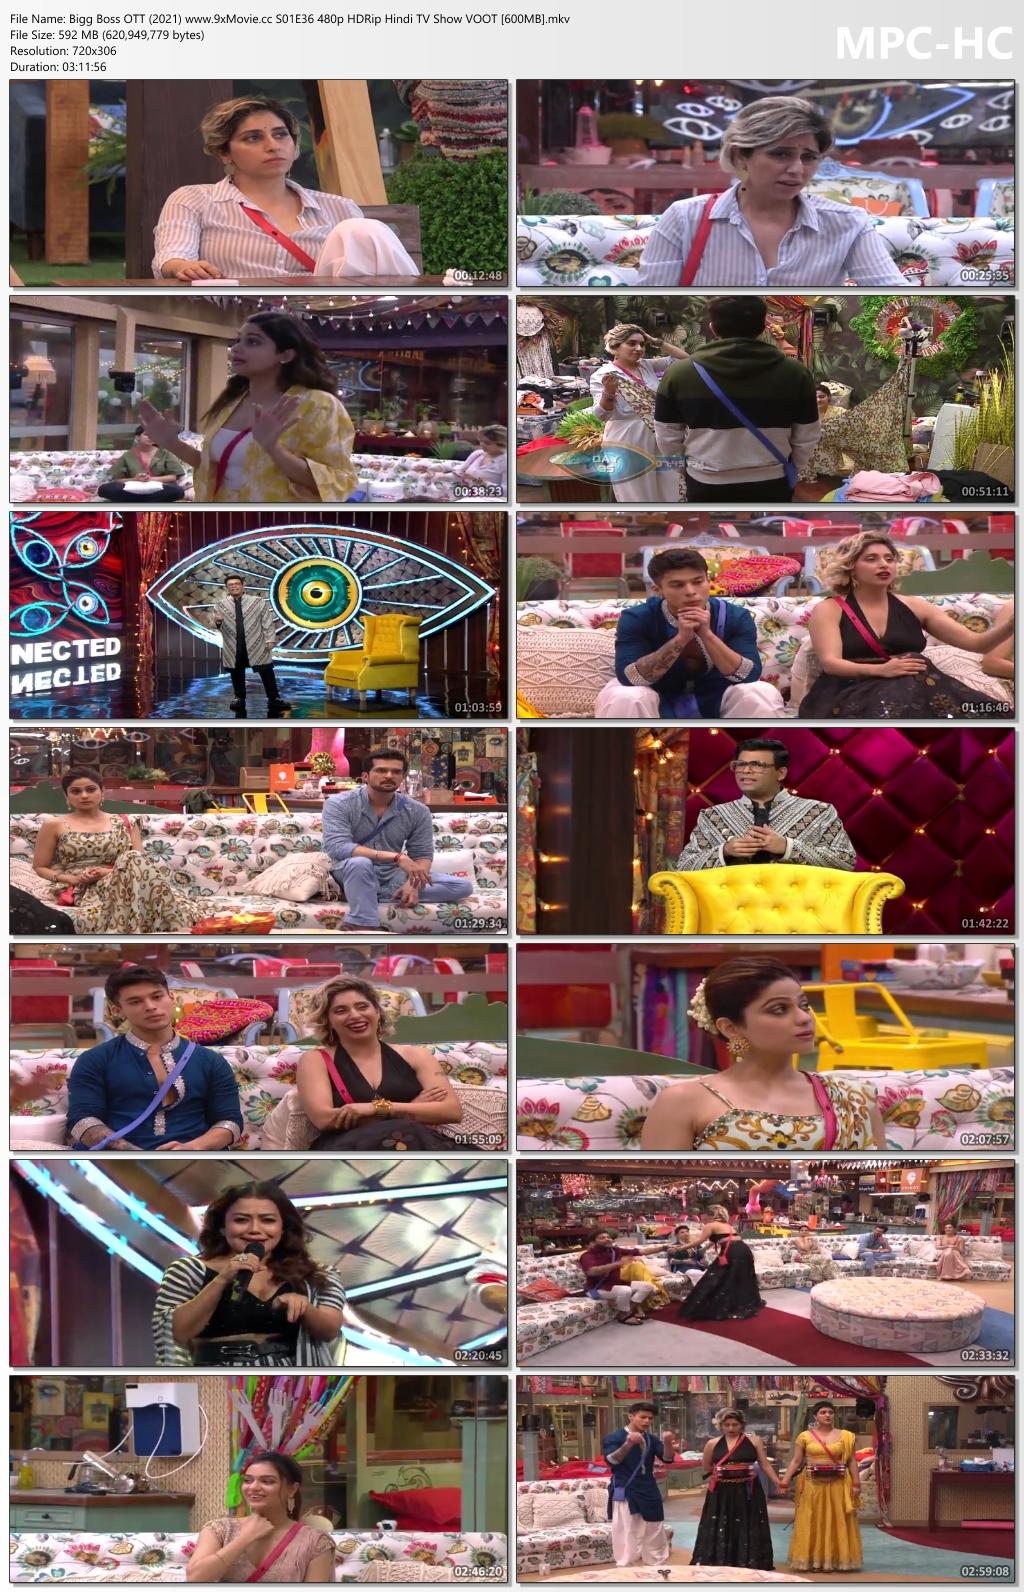 Bigg-Boss-OTT-2021-www-9x-Movie-cc-S01-E36-480p-HDRip-Hindi-TV-Show-VOOT-600-MB-mkv